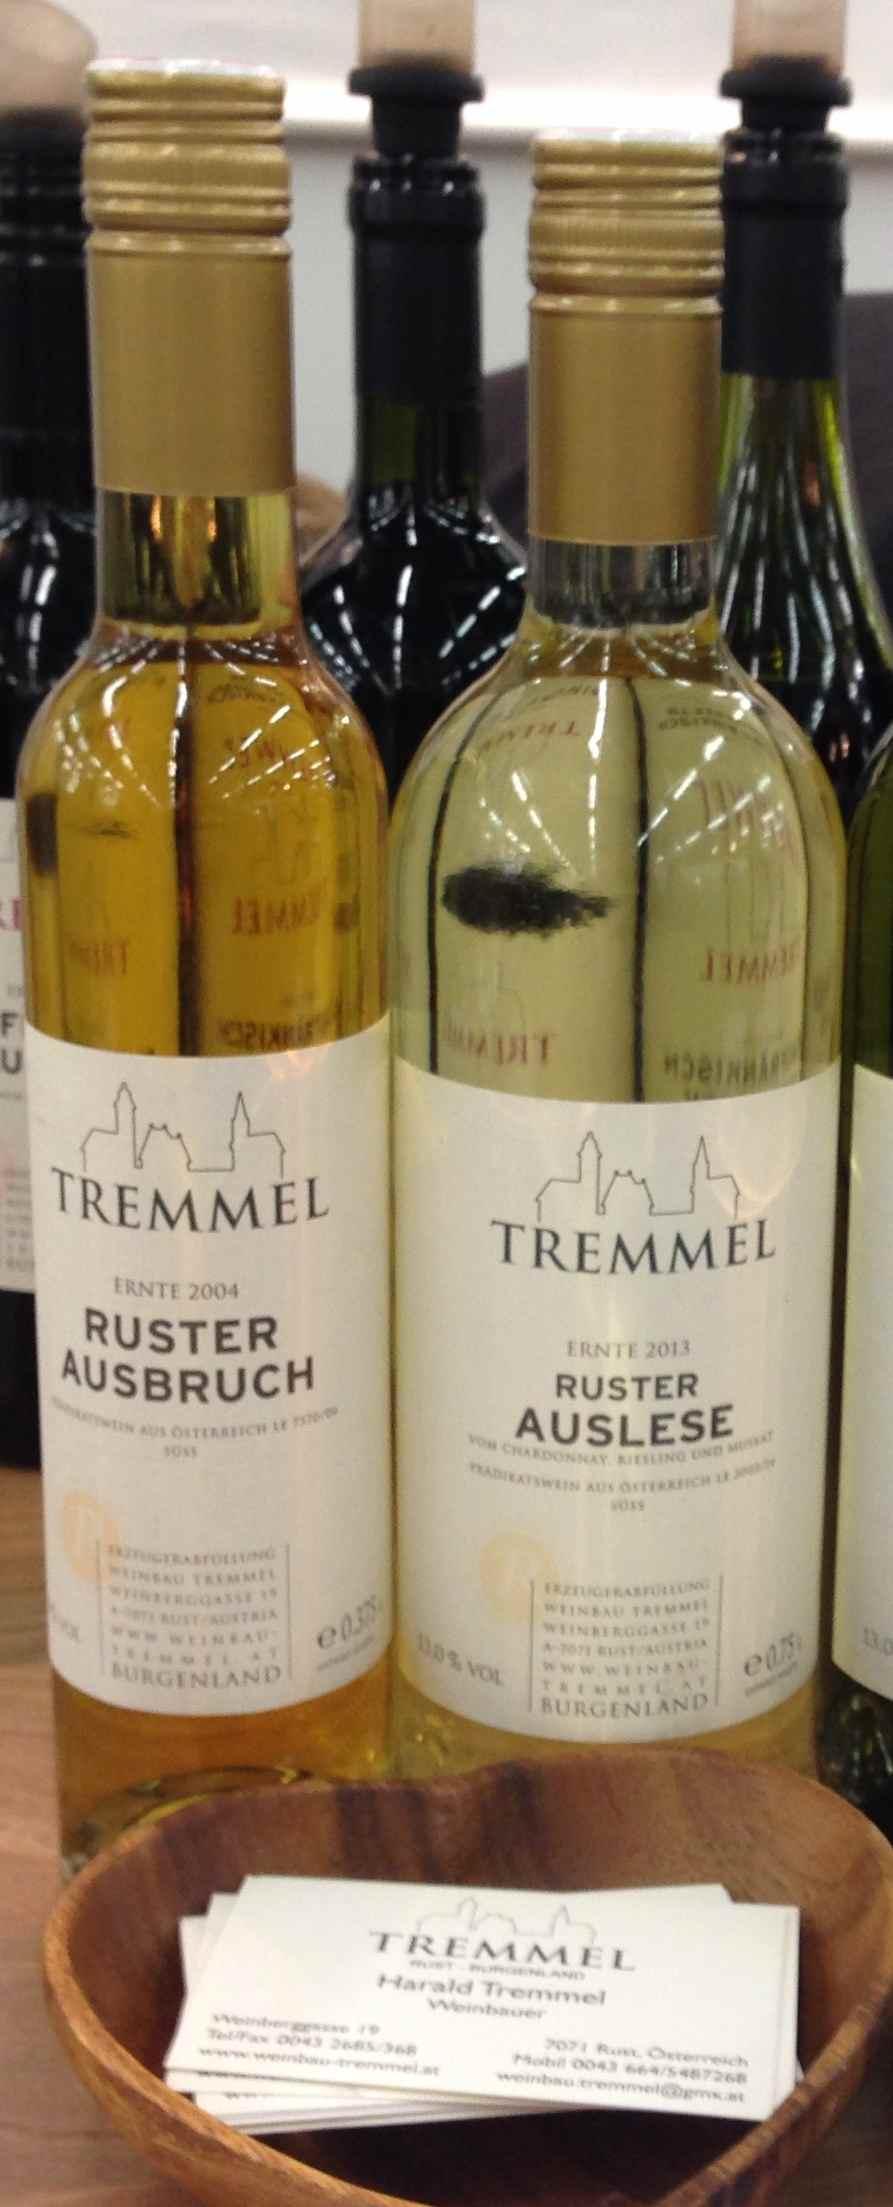 Auslese 2013 Ruster Ausbruch 2004 Tremmel